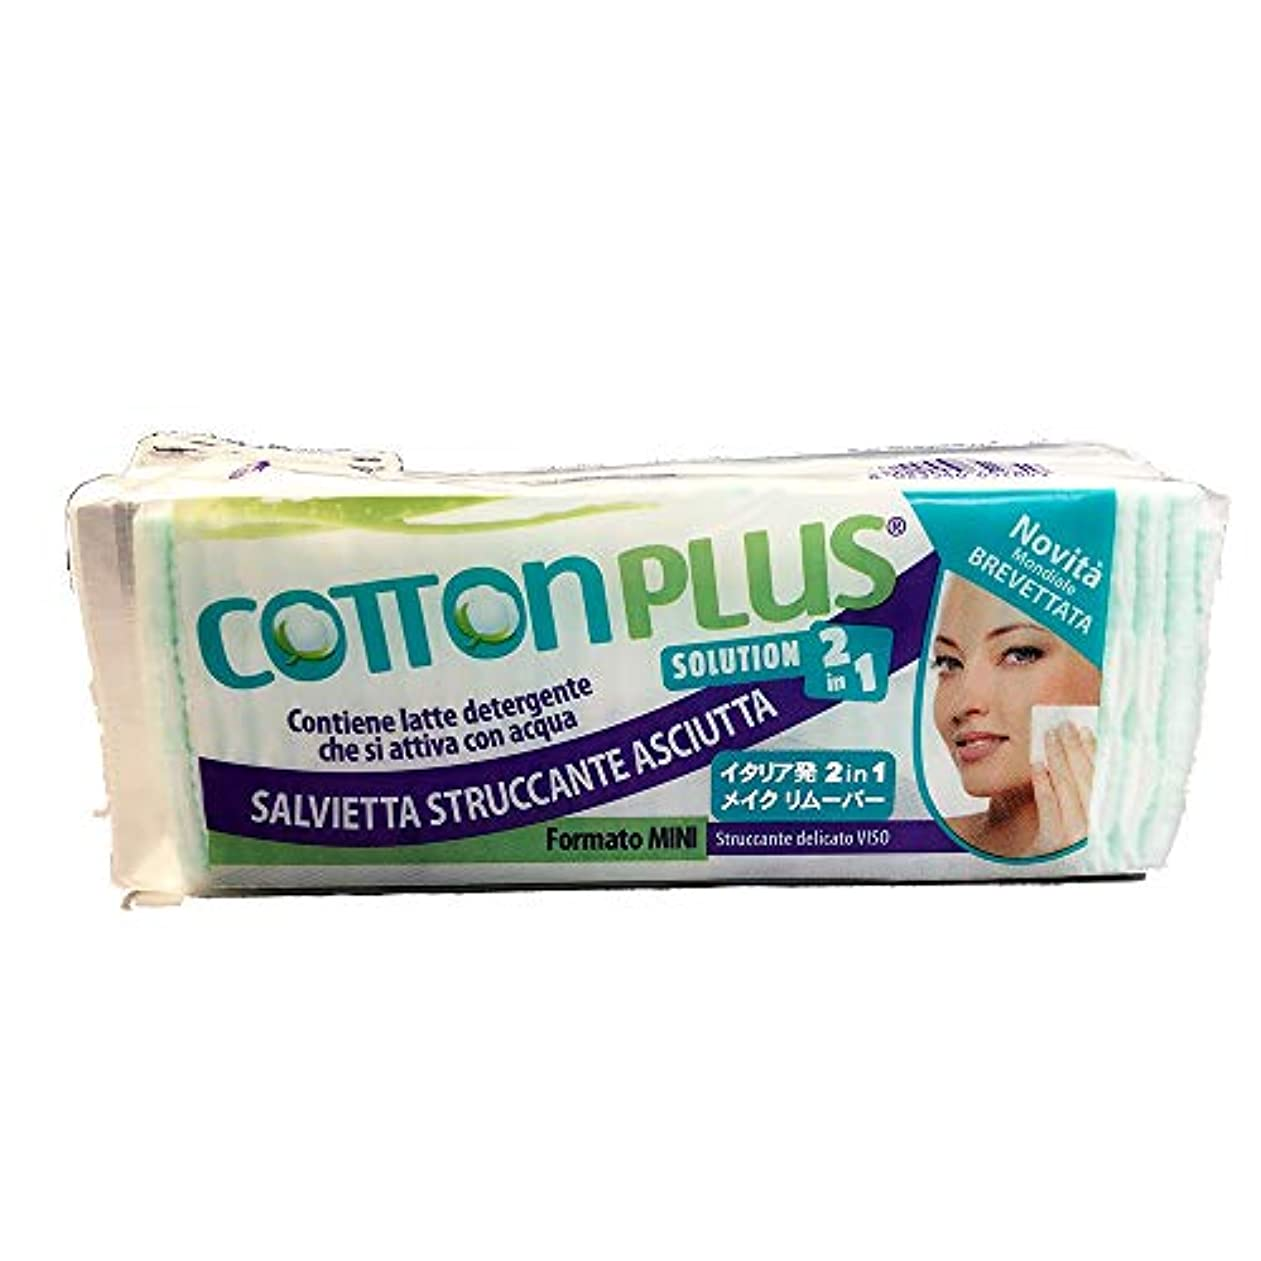 脅かす肥料暗記するクレンジングコットン メイク落とし コットンプラス COTTON PLUS SOLUTION 2 IN 1 ミニサイズ(60枚入り) 保湿 化粧水